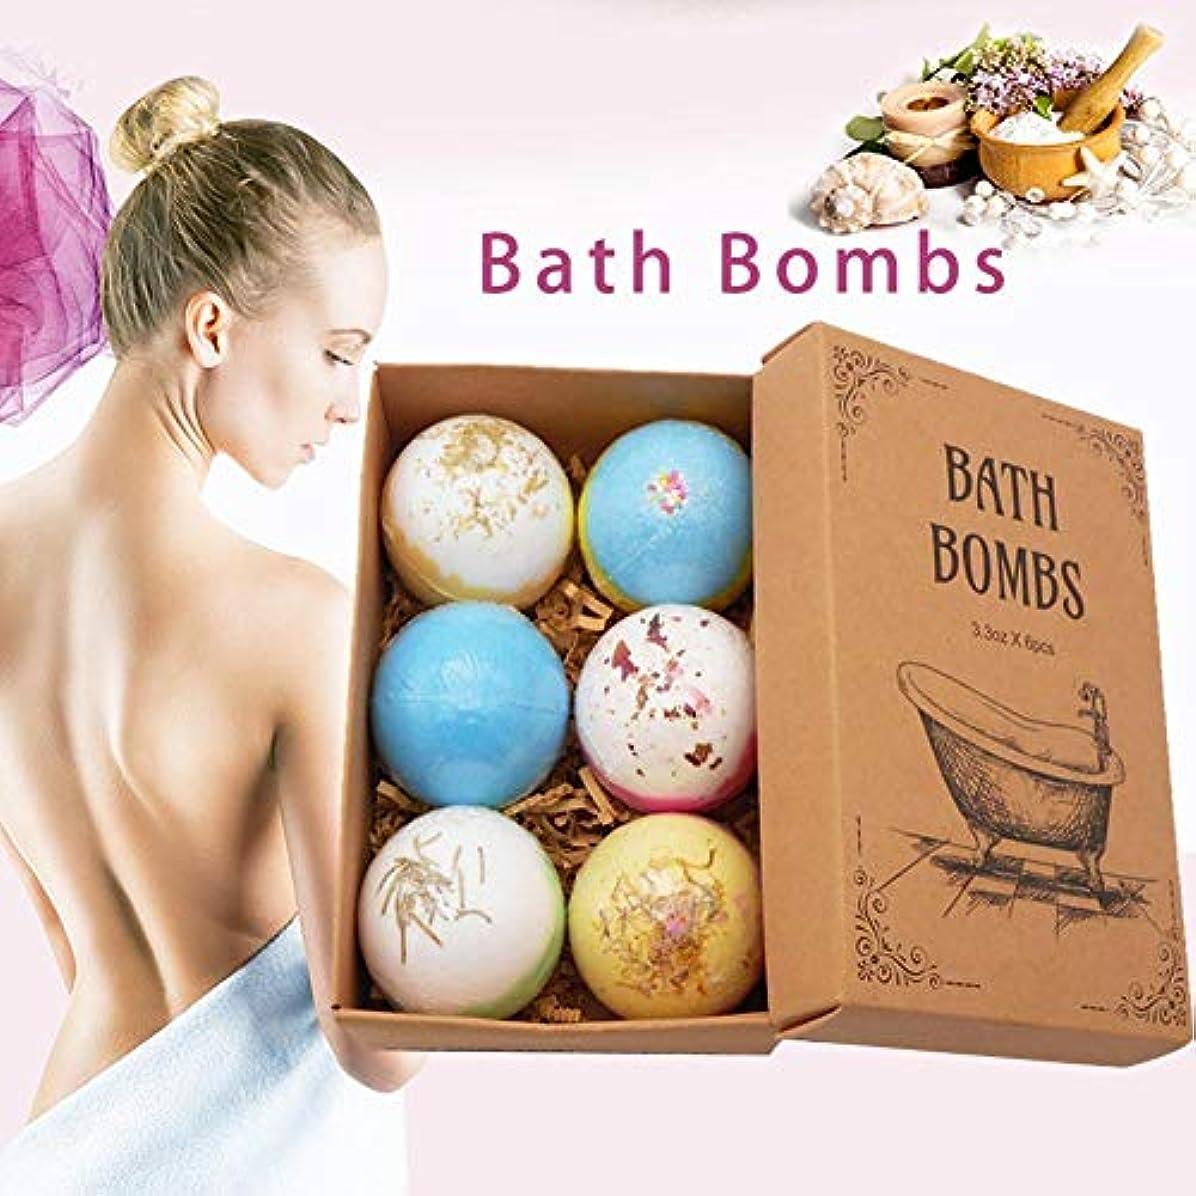 蒸発にやにや調停者AIMERKUP 6PCSバスボム 自然な手作りの海塩ラベンダー風呂爆弾 母のガールフレンドのためのスパ発泡爆弾ギフト fun